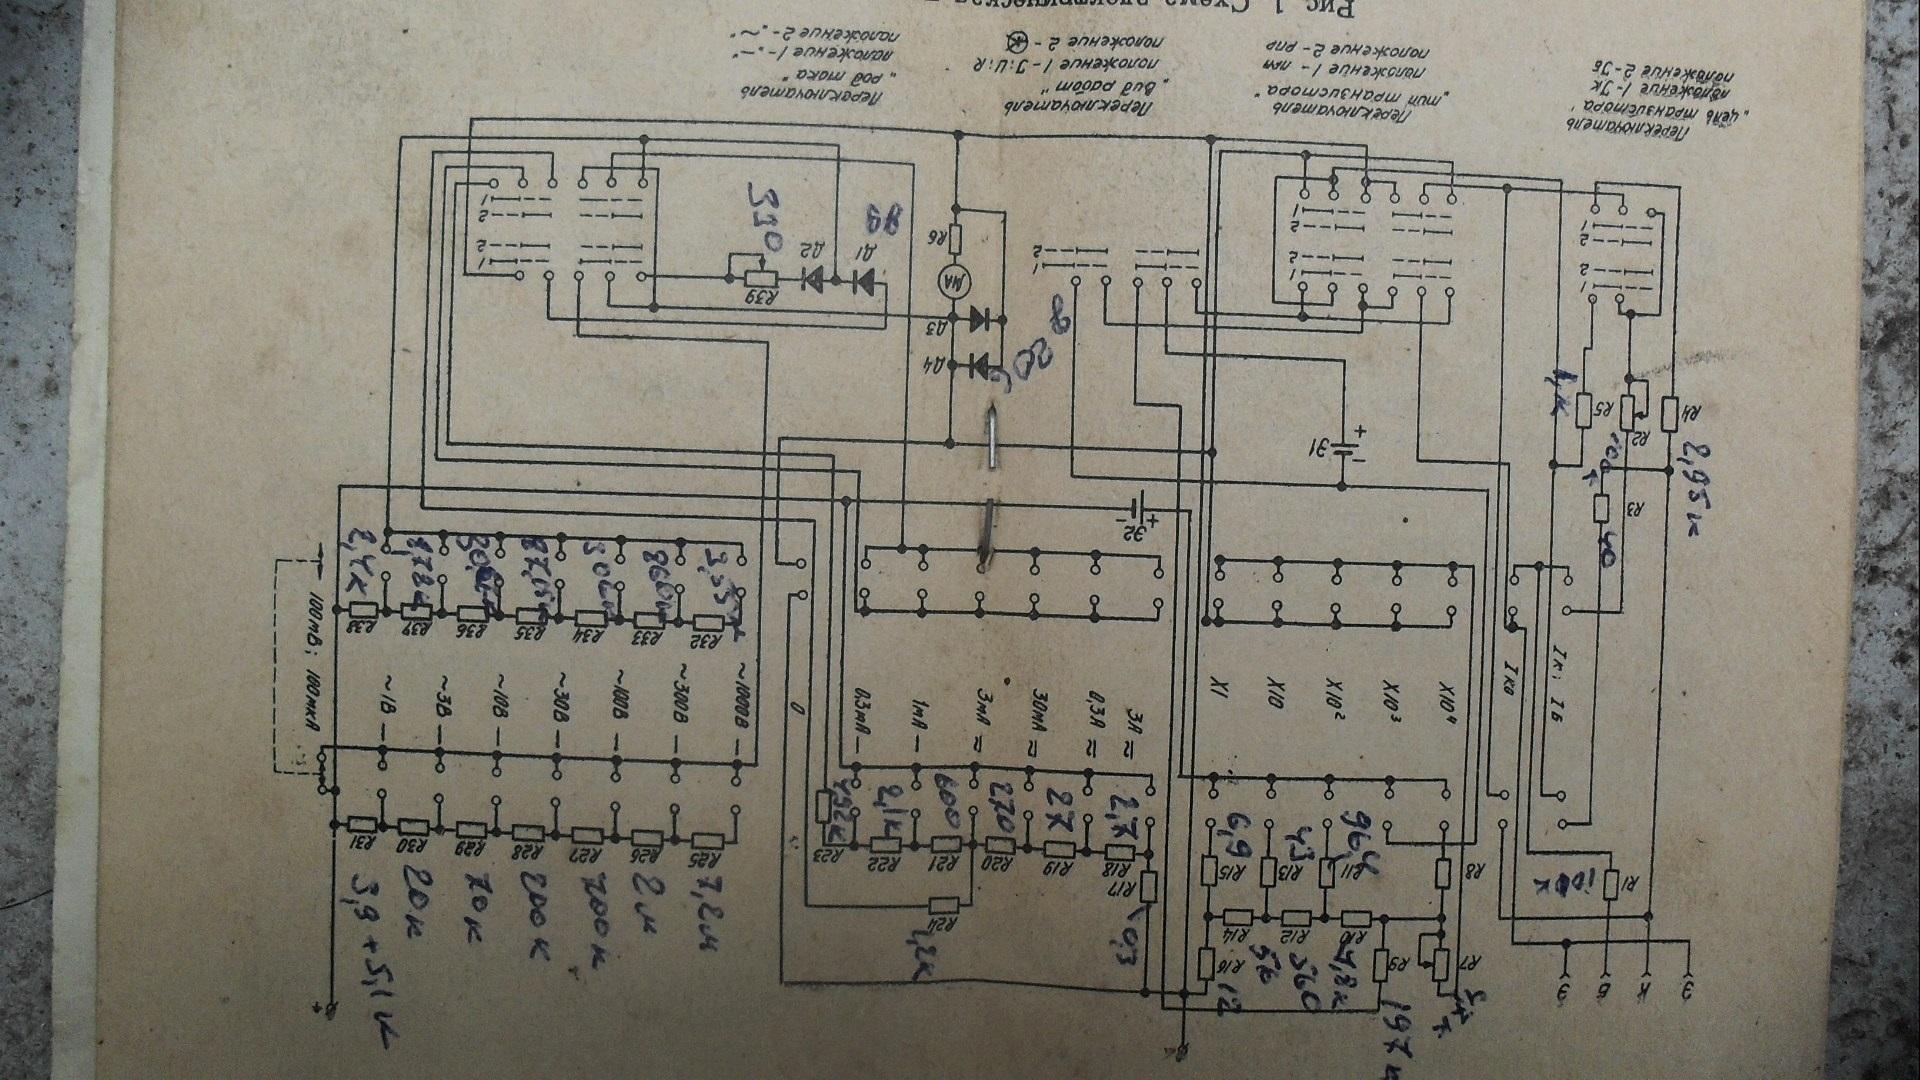 схема прибора тл-4